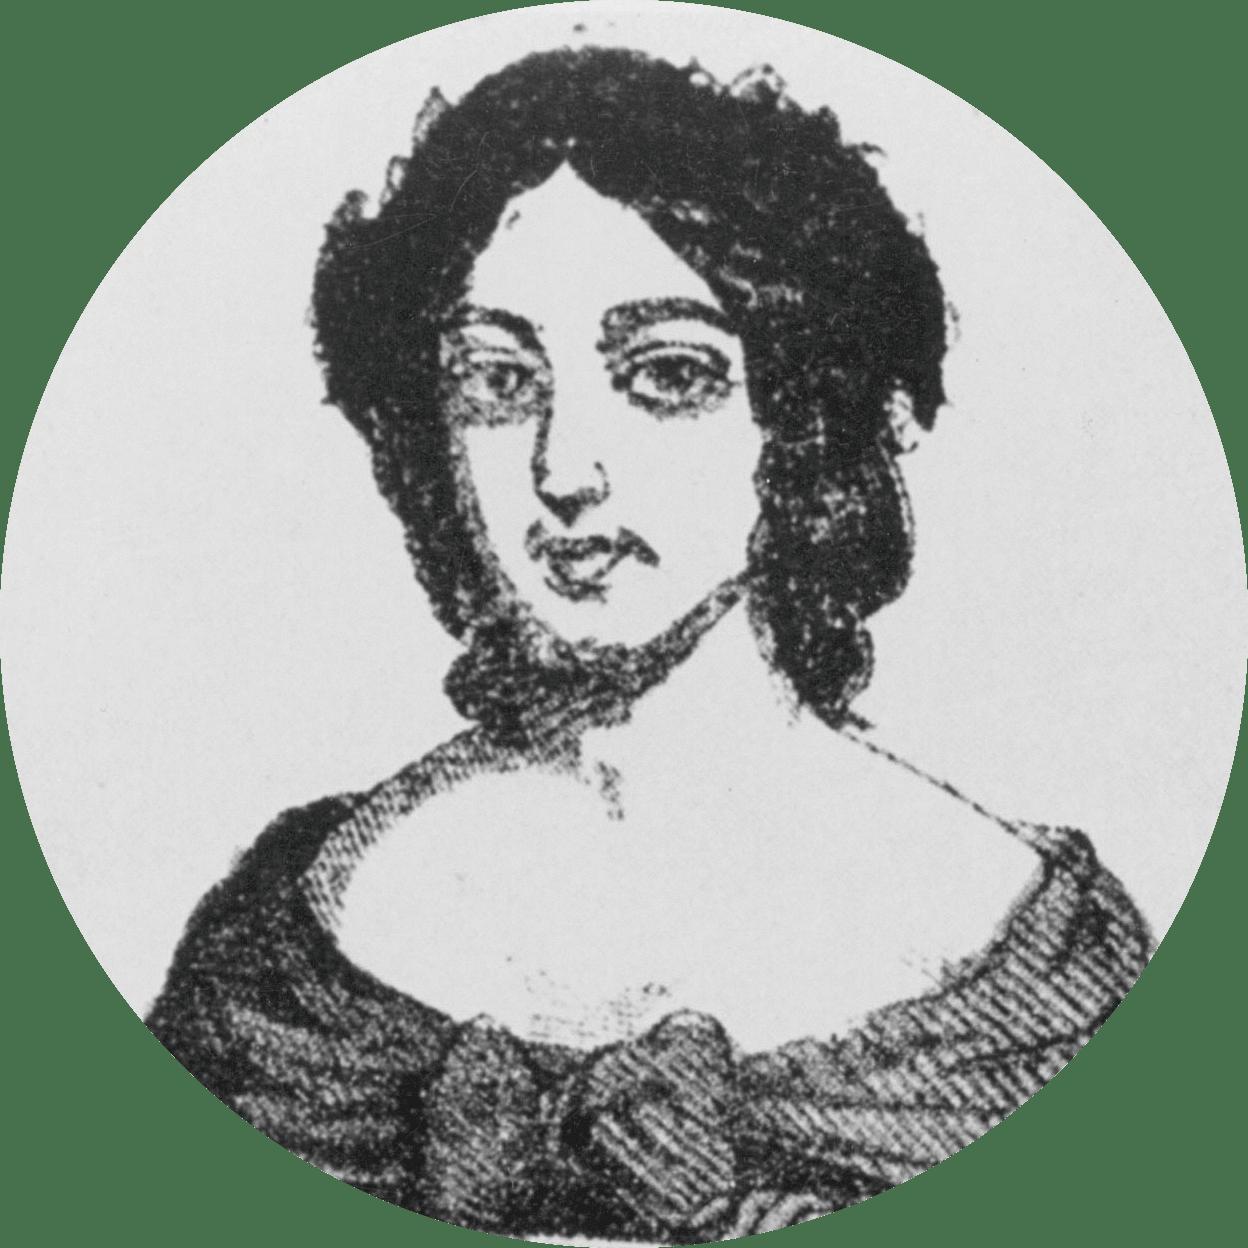 Jeanne Deroin